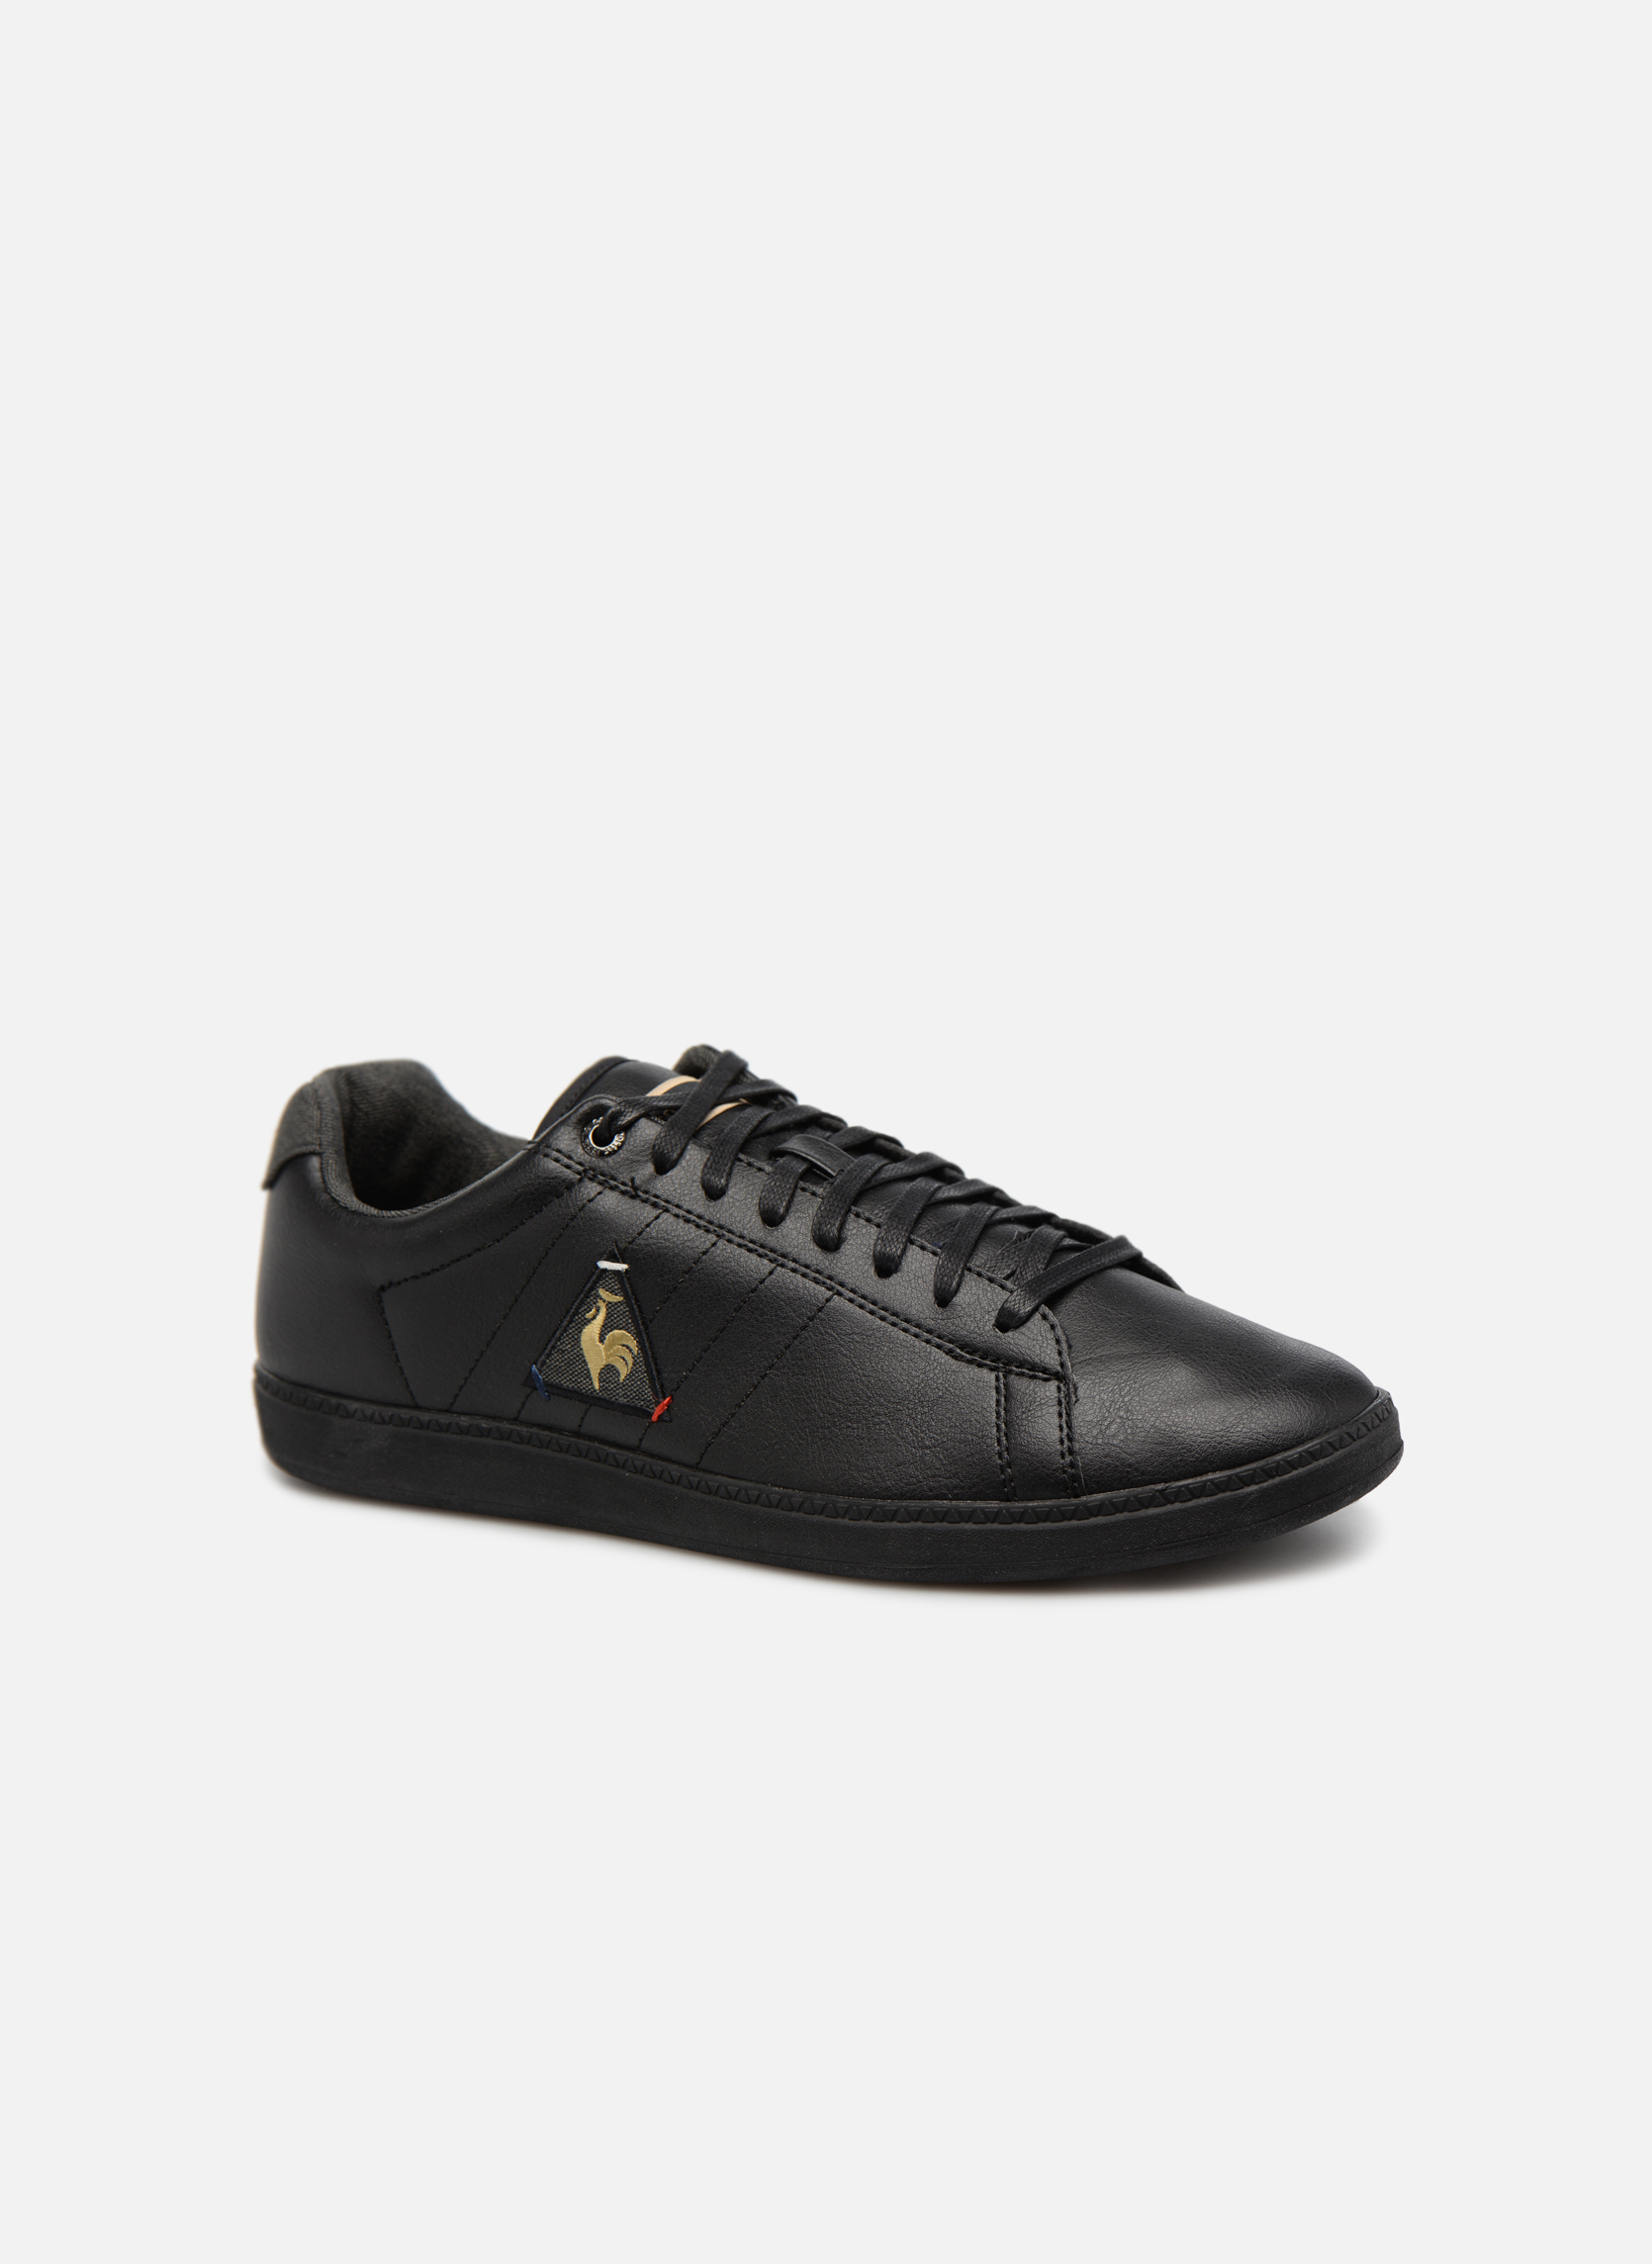 Le coq sportif Sneakers Homme BLACK/CROISSANT, 41